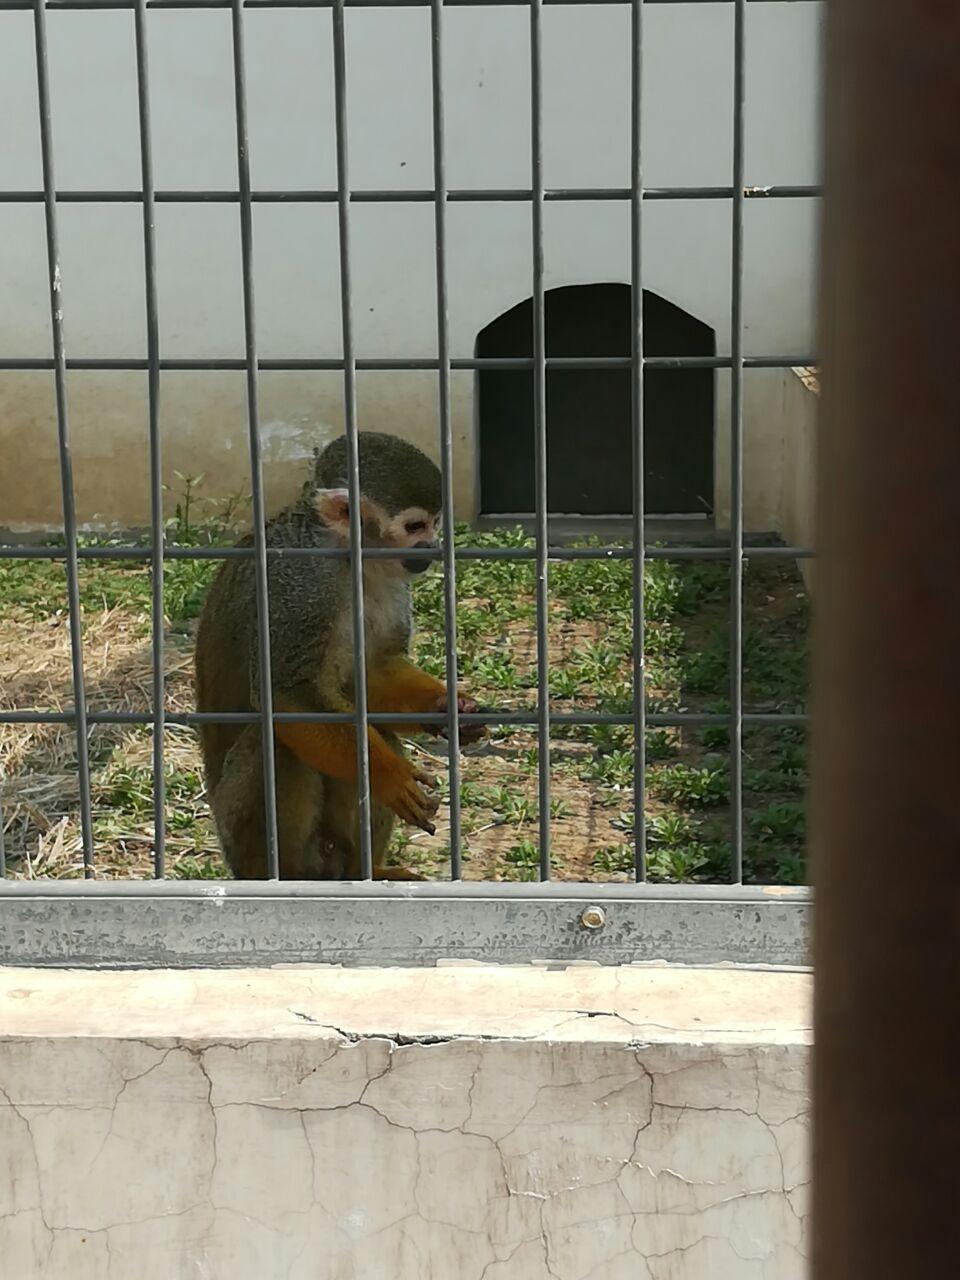 唐山天鹅湖动物乐园好玩吗,唐山天鹅湖动物乐园景点样